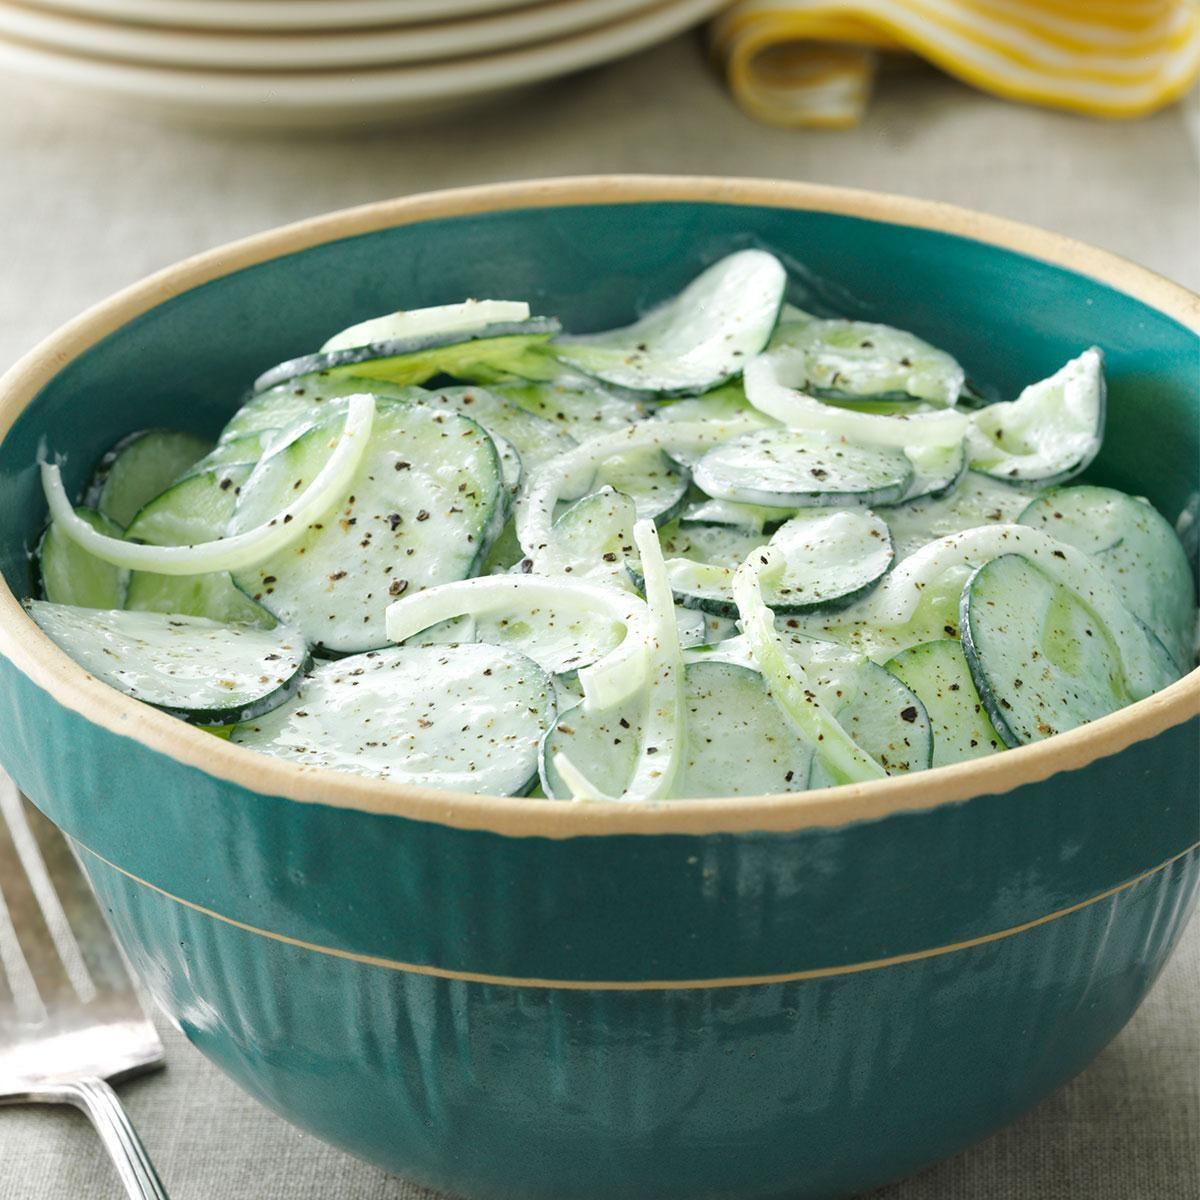 Cucumber Salad Recipe With Sour Cream